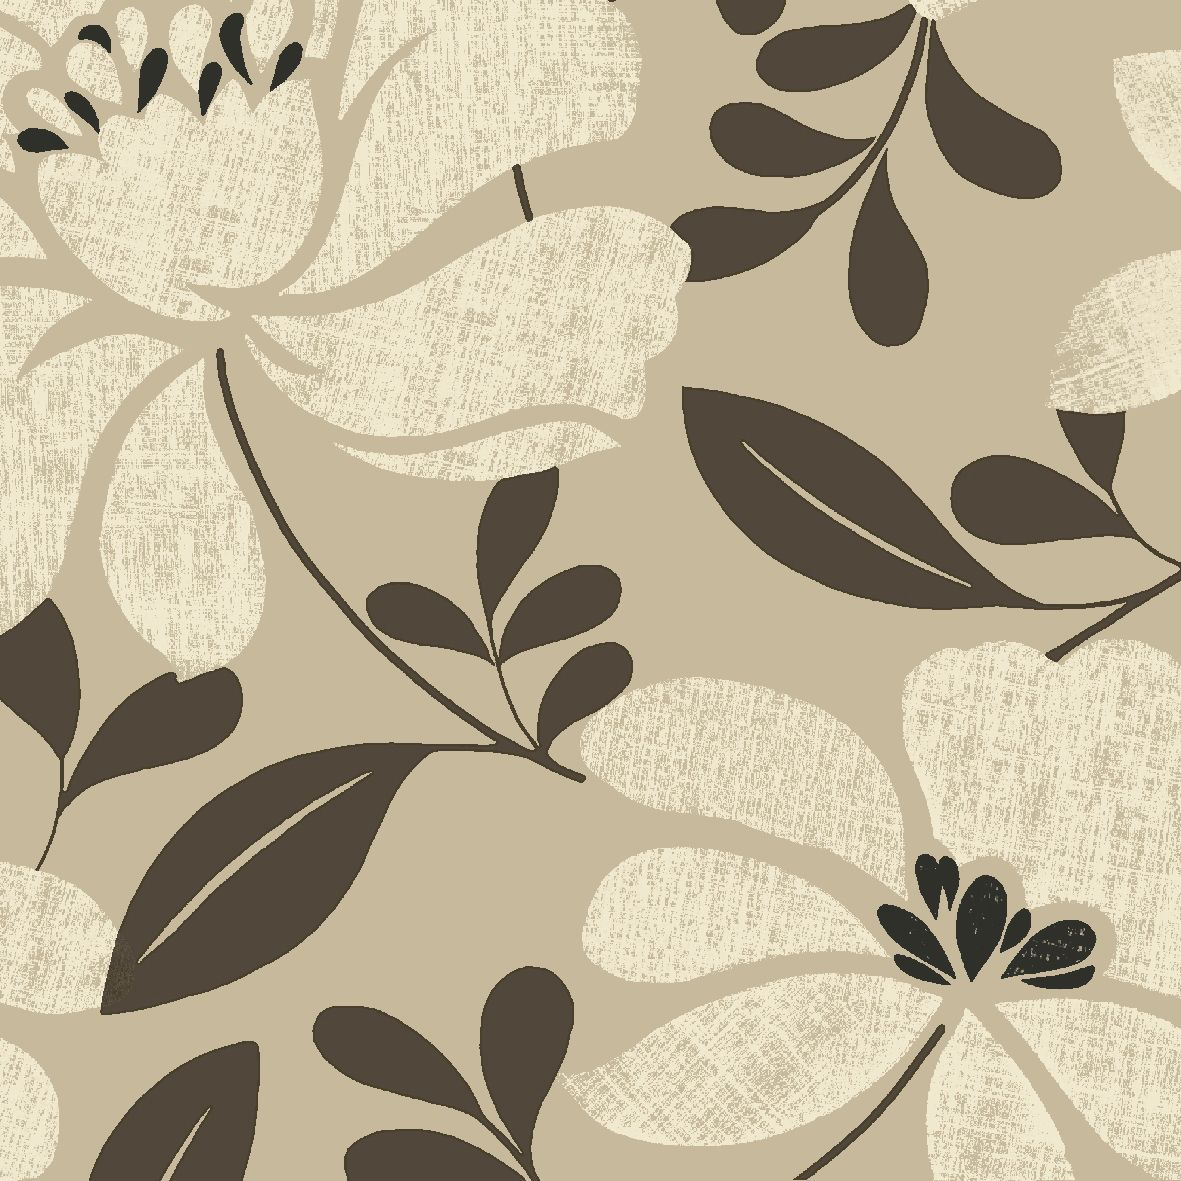 Салфетки бумажные Duni Lin Soft. Эконом, 40 см162744Трехслойные бумажные салфетки изготовлены из экологически чистого, высококачественного сырья - 100% целлюлозы. Салфетки выполнены в оригинальном и современном стиле, прекрасно сочетаются с любым интерьером и всегда будут прекрасным и незаменимым украшением стола.